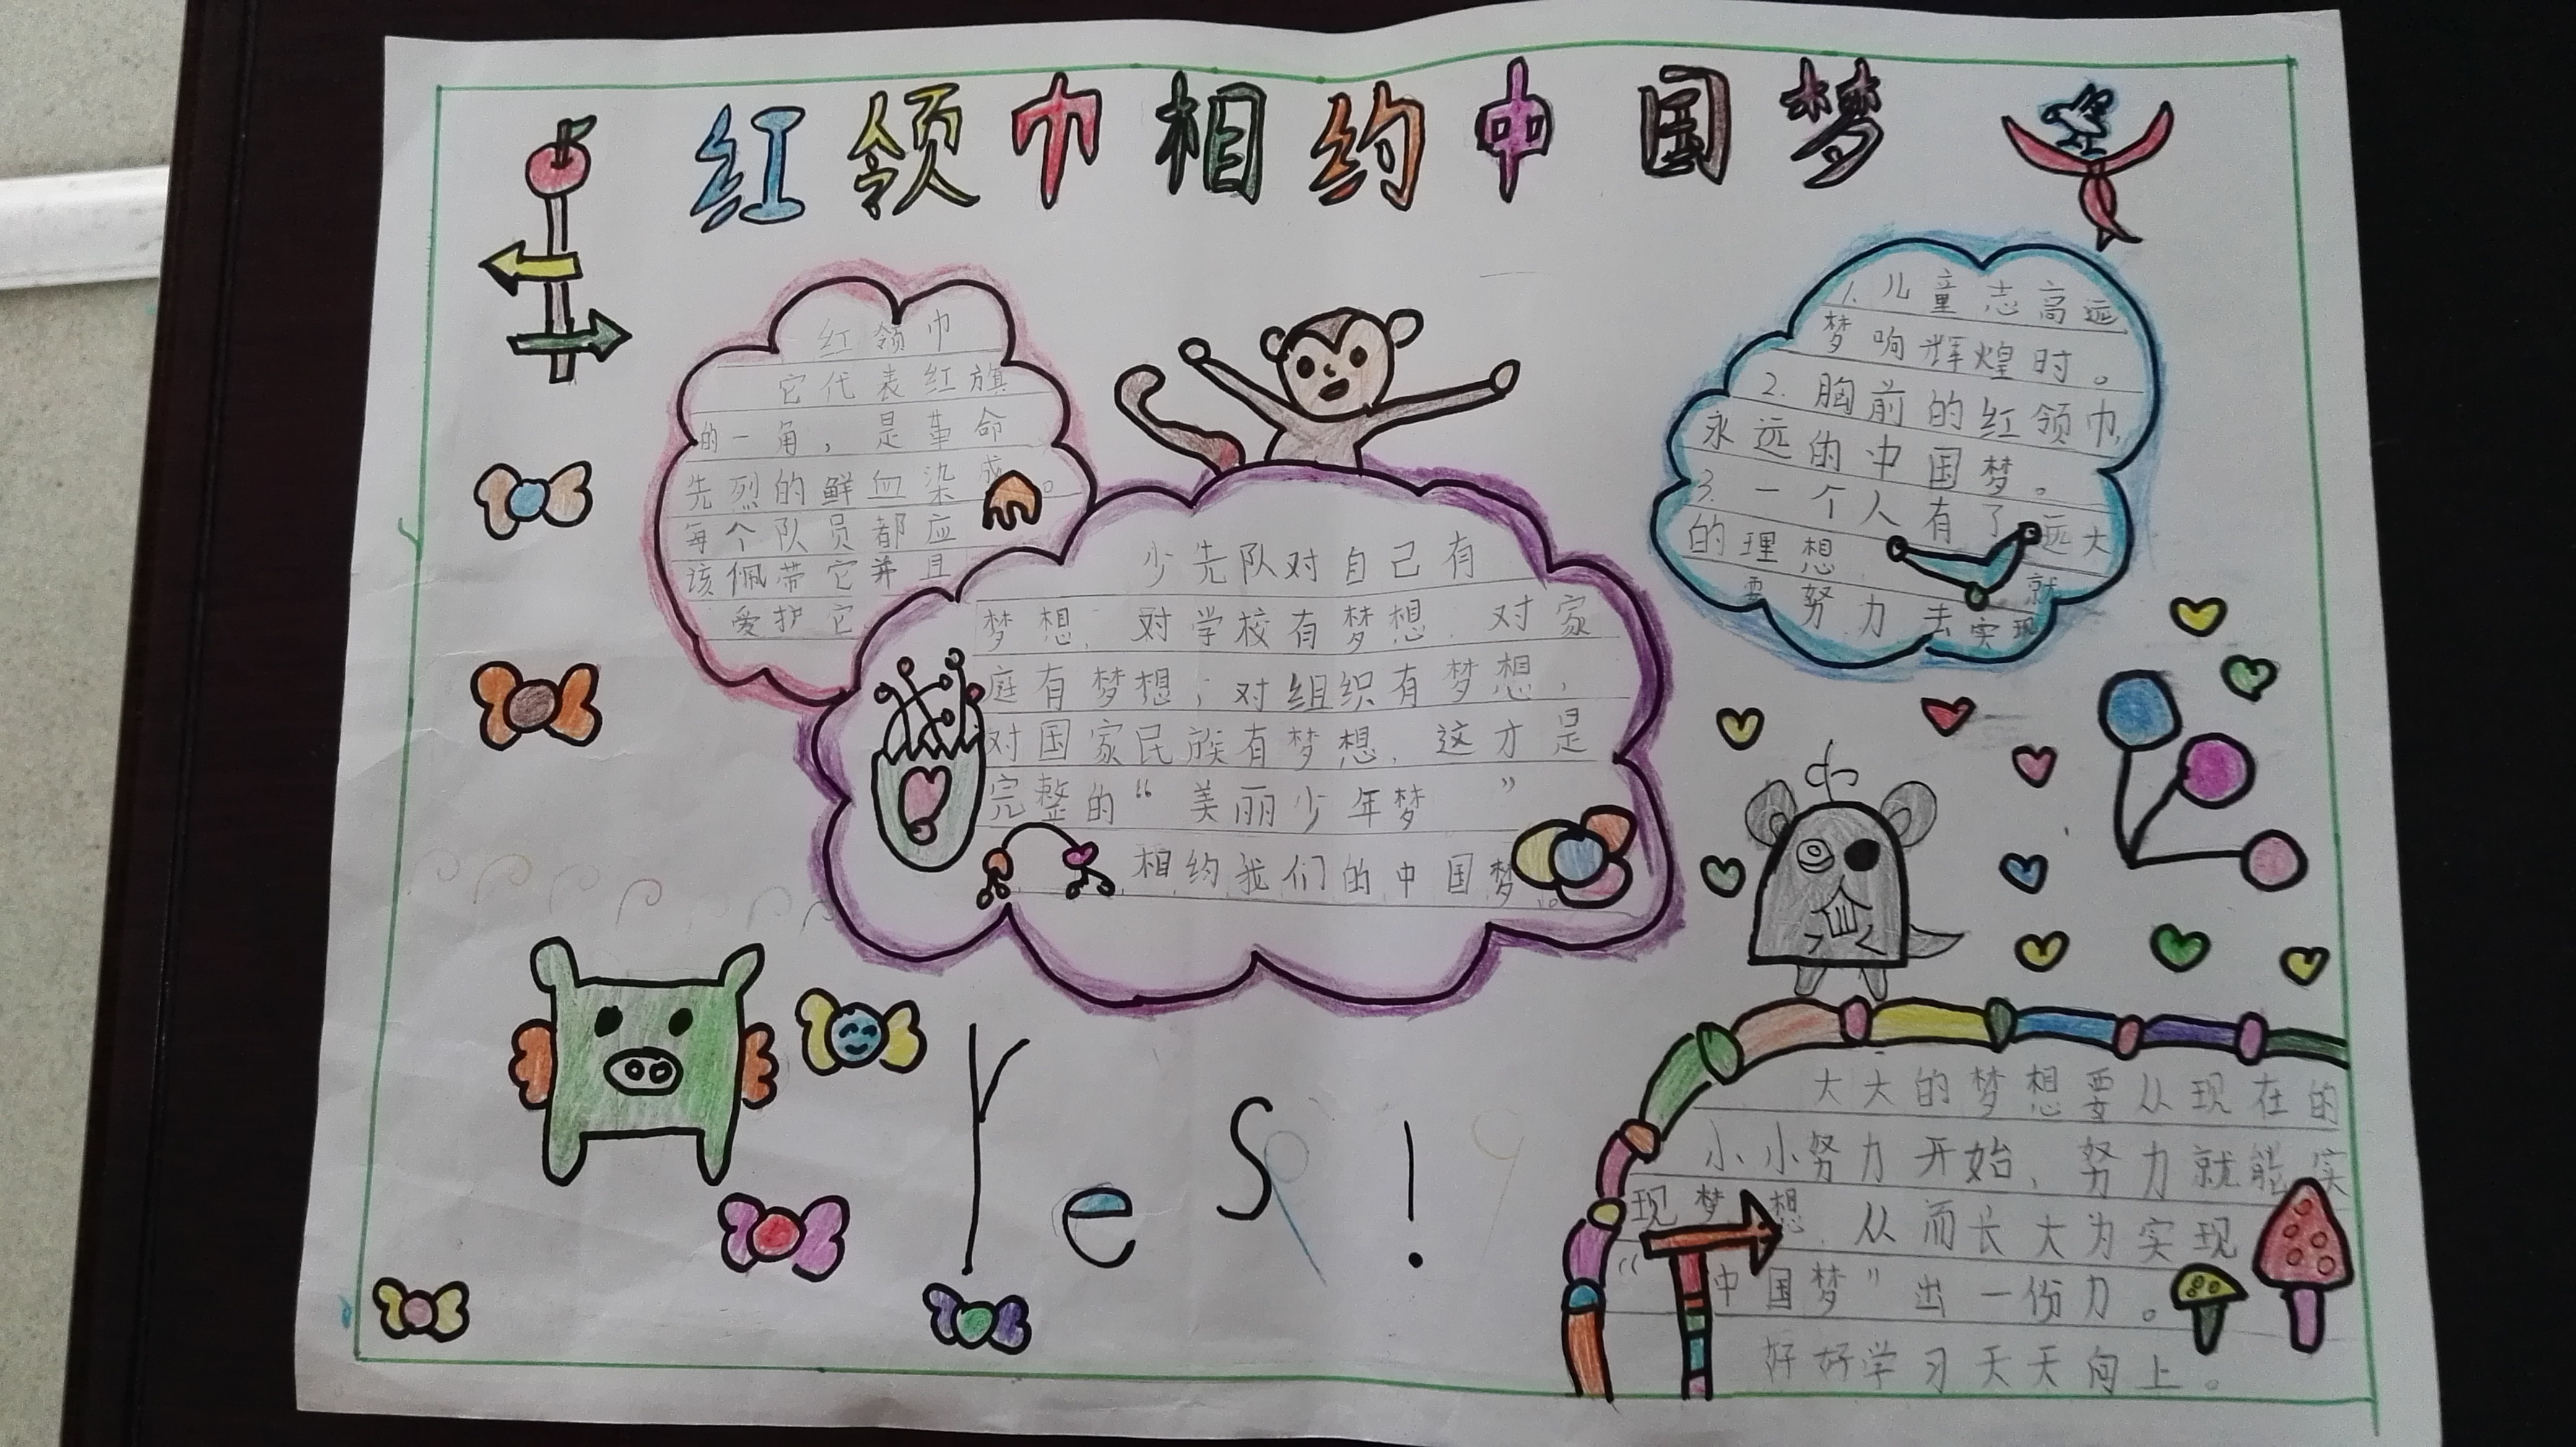 红领巾相约中国梦手抄报 - 儿童节创意游戏设计图片